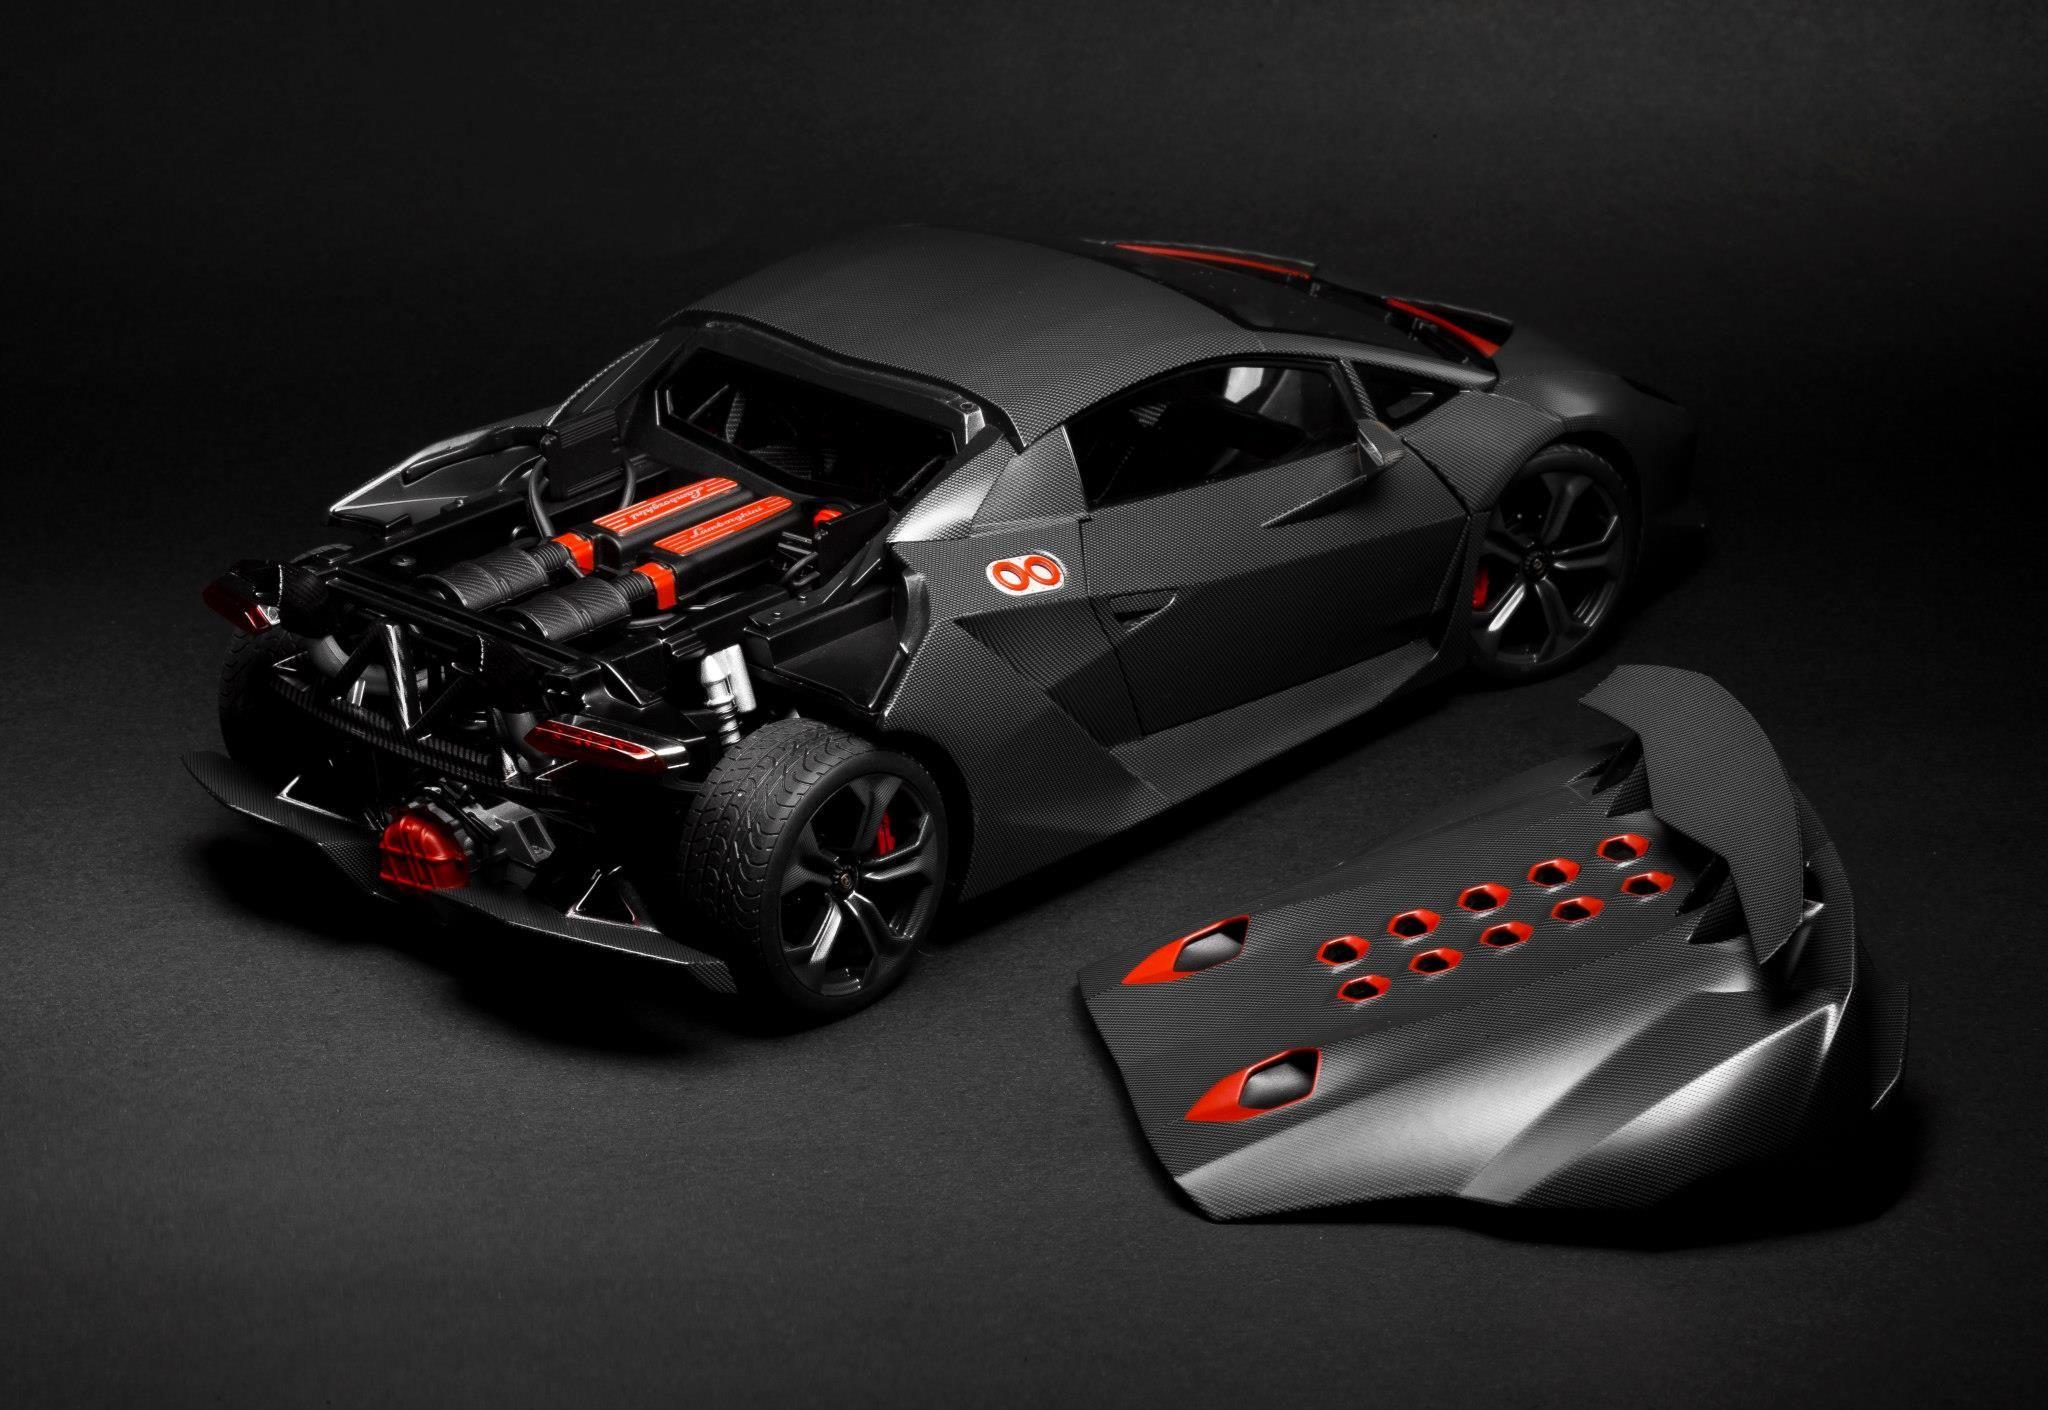 Lamborghini Sesto Elemento Download Hd Wallpapers Wallsauto Com